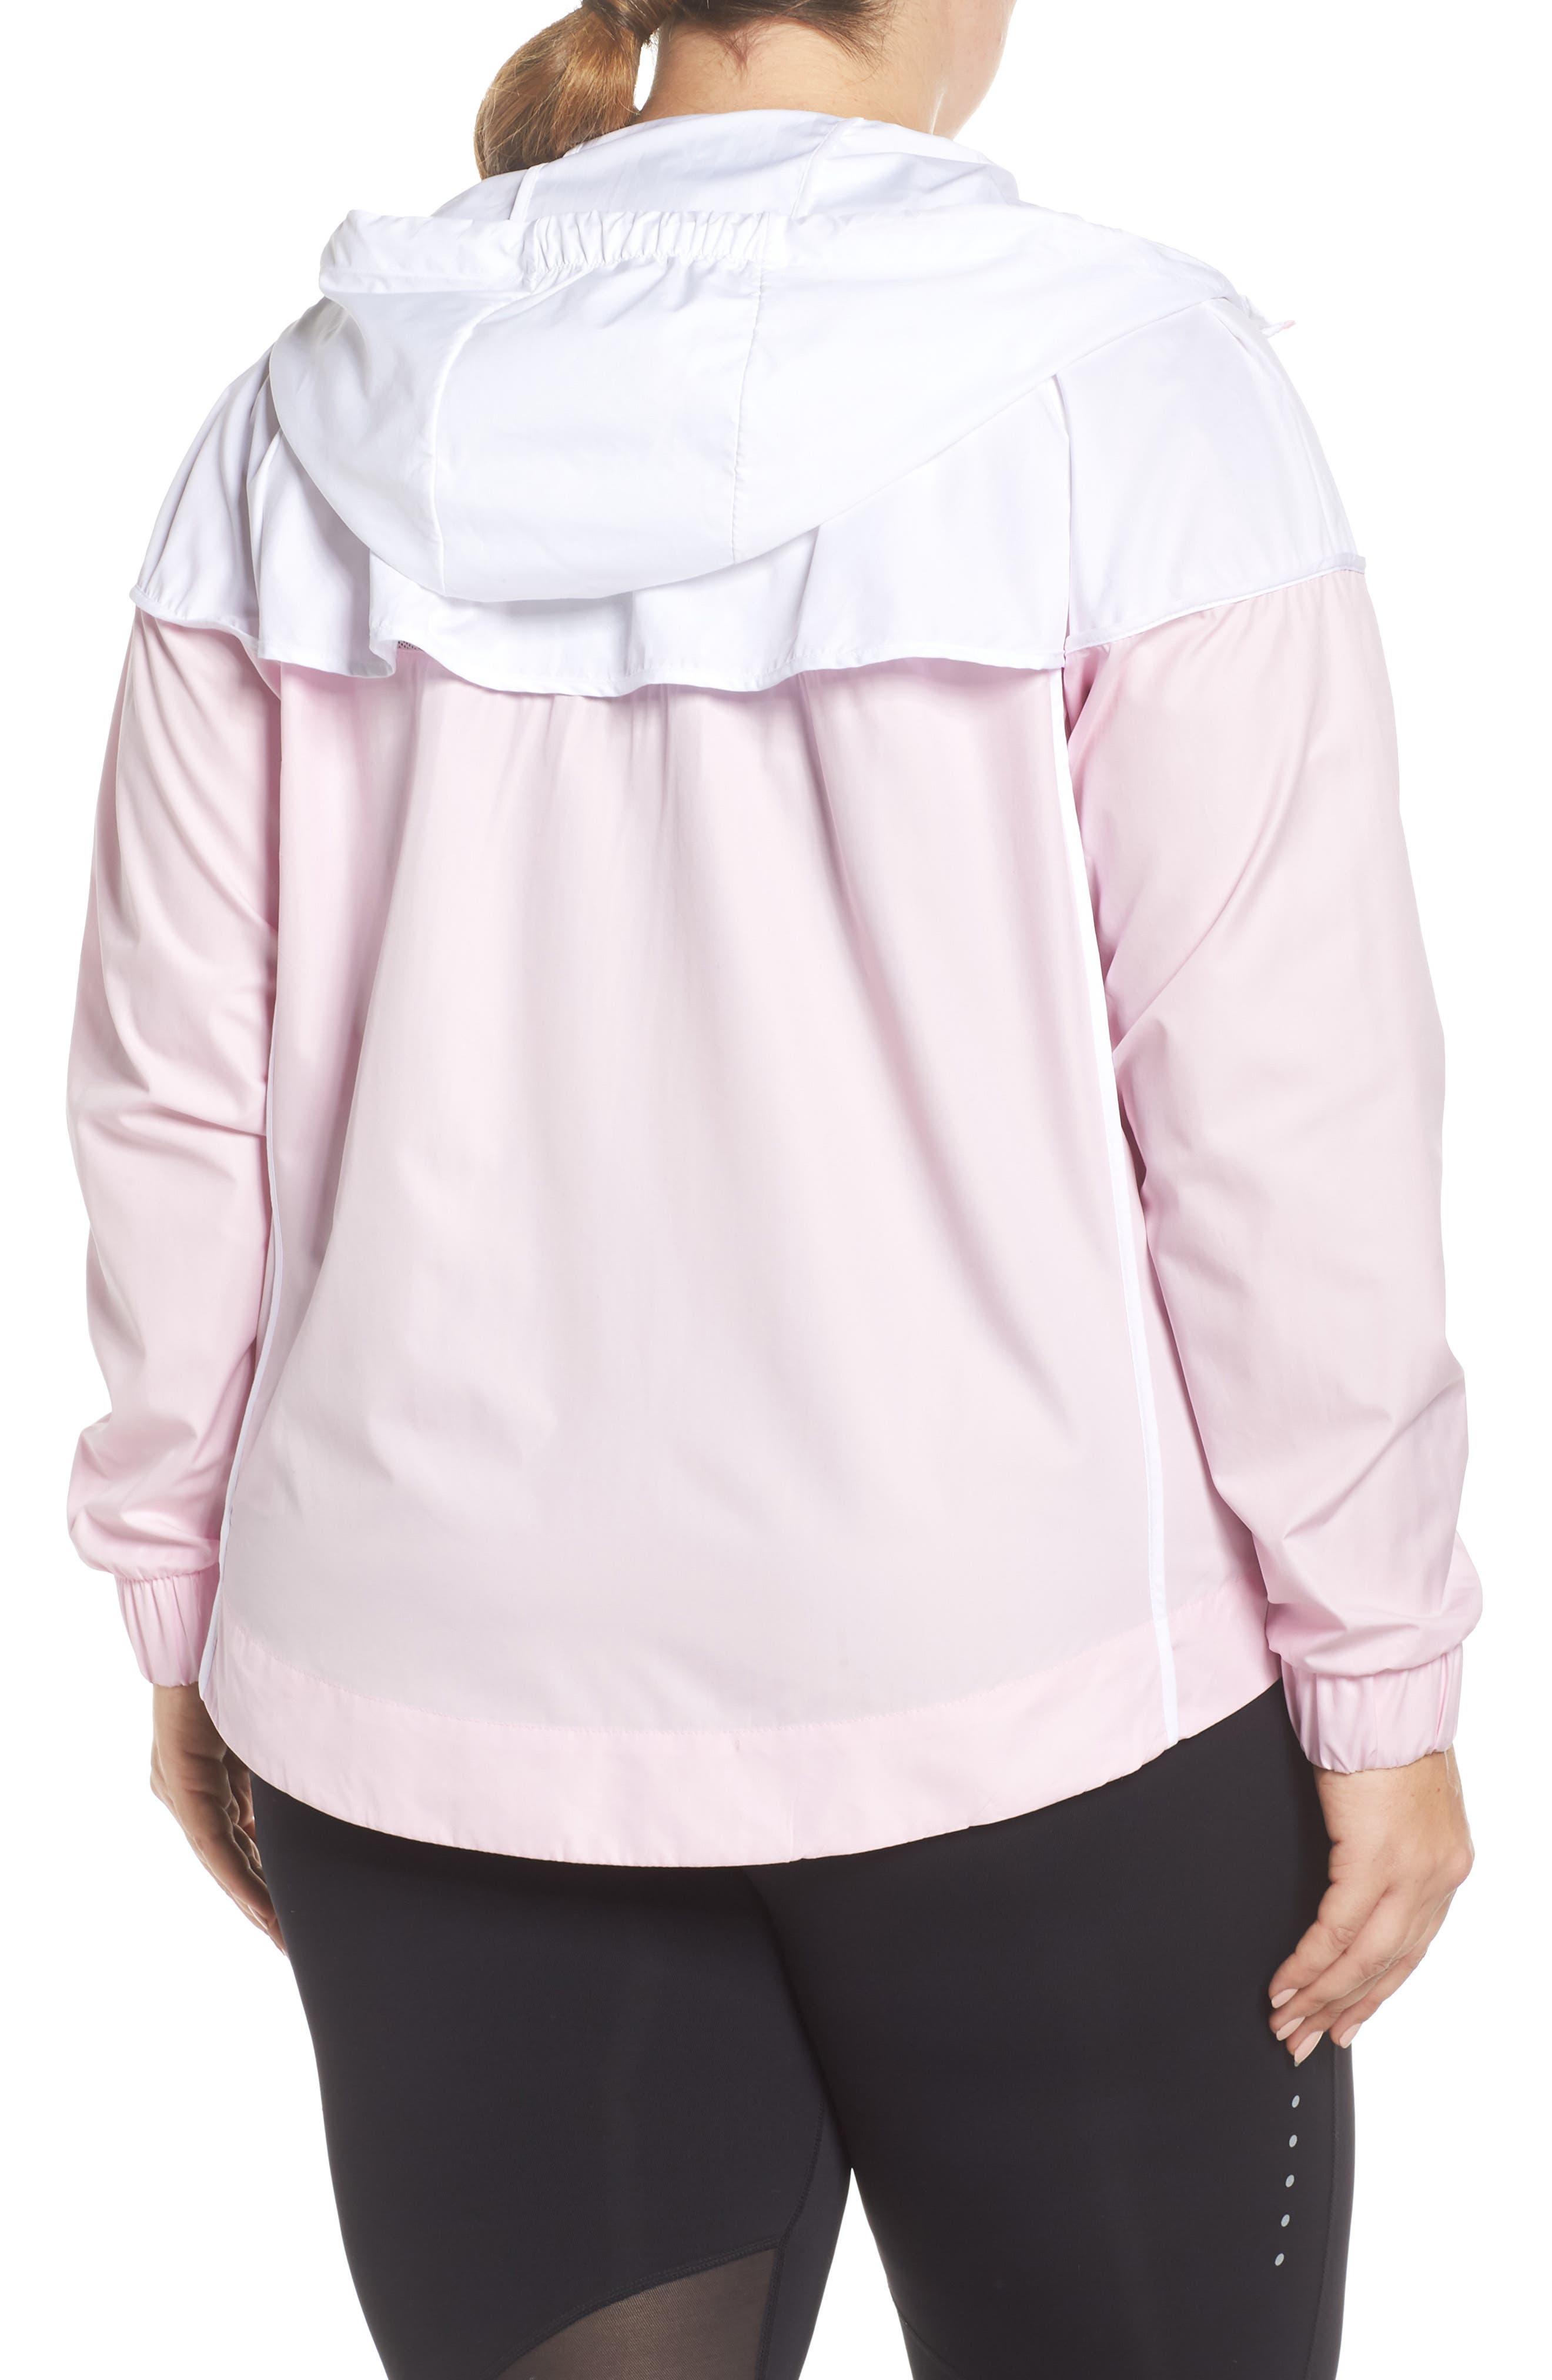 NIKE,                             Sportswear Windrunner Jacket,                             Alternate thumbnail 2, color,                             PINK FOAM/ WHITE/ PINK FOAM